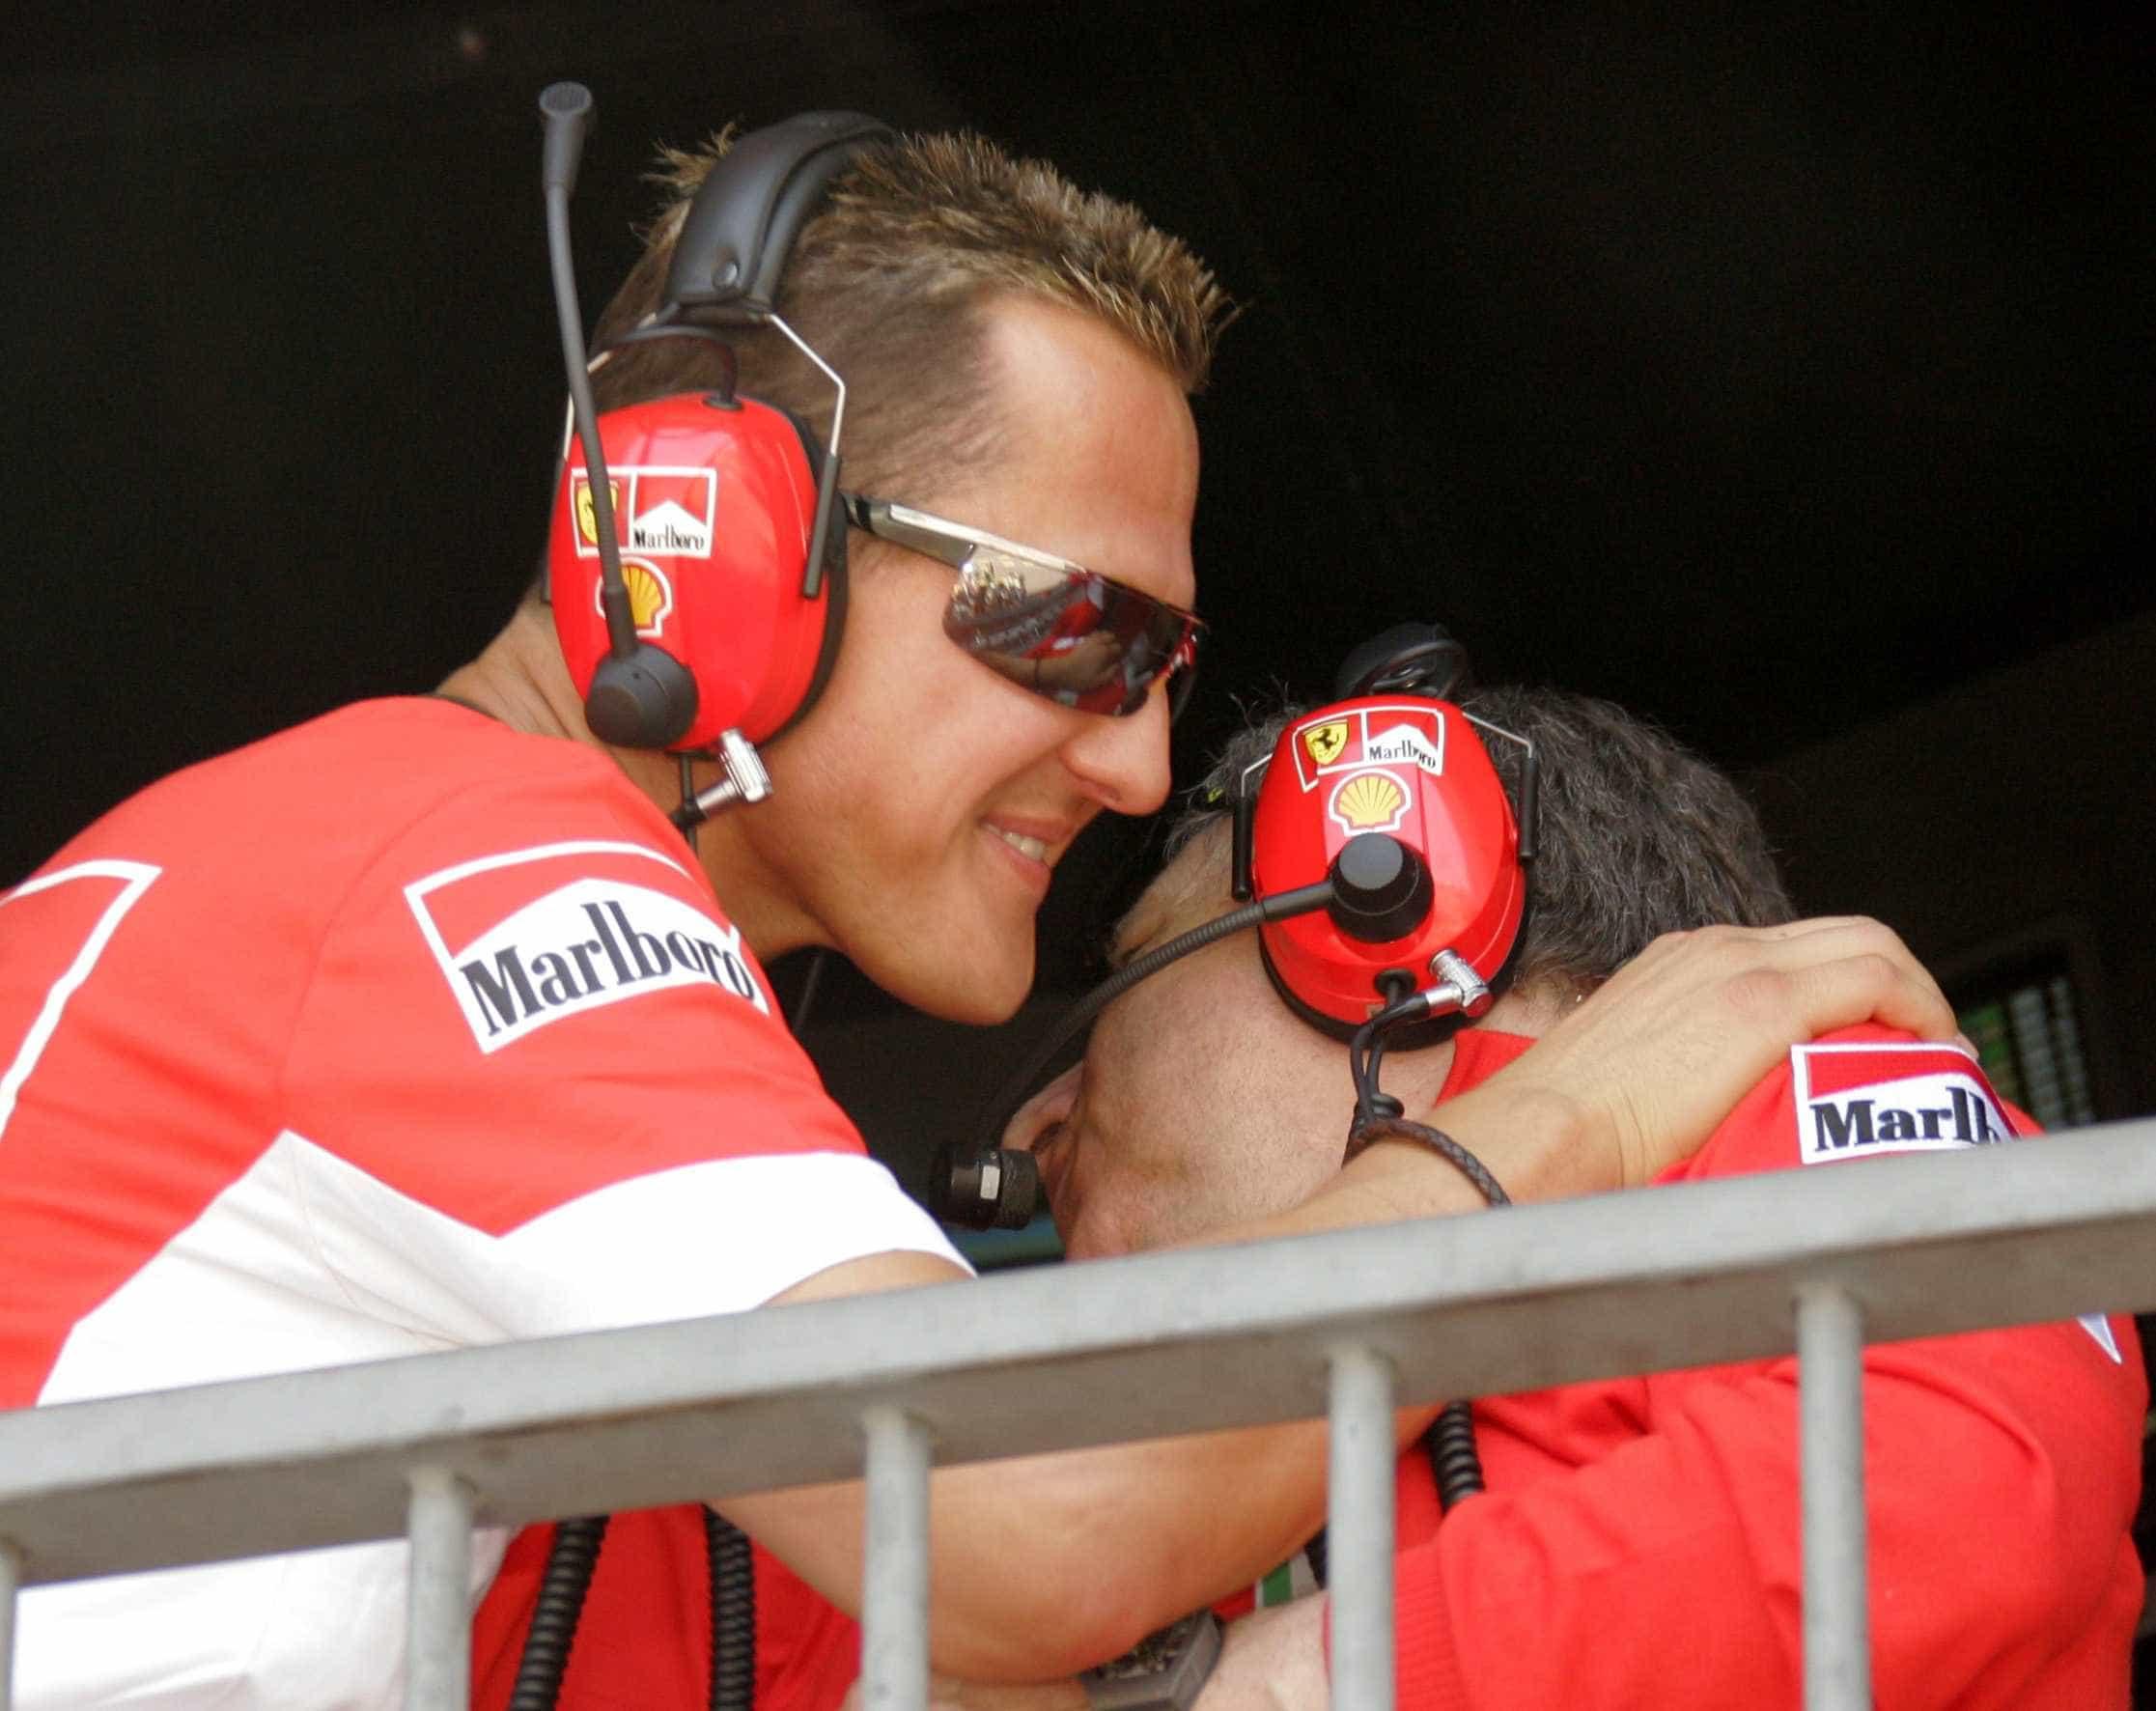 Jean Todt diz que assistiu a GP do Brasil com Schumacher